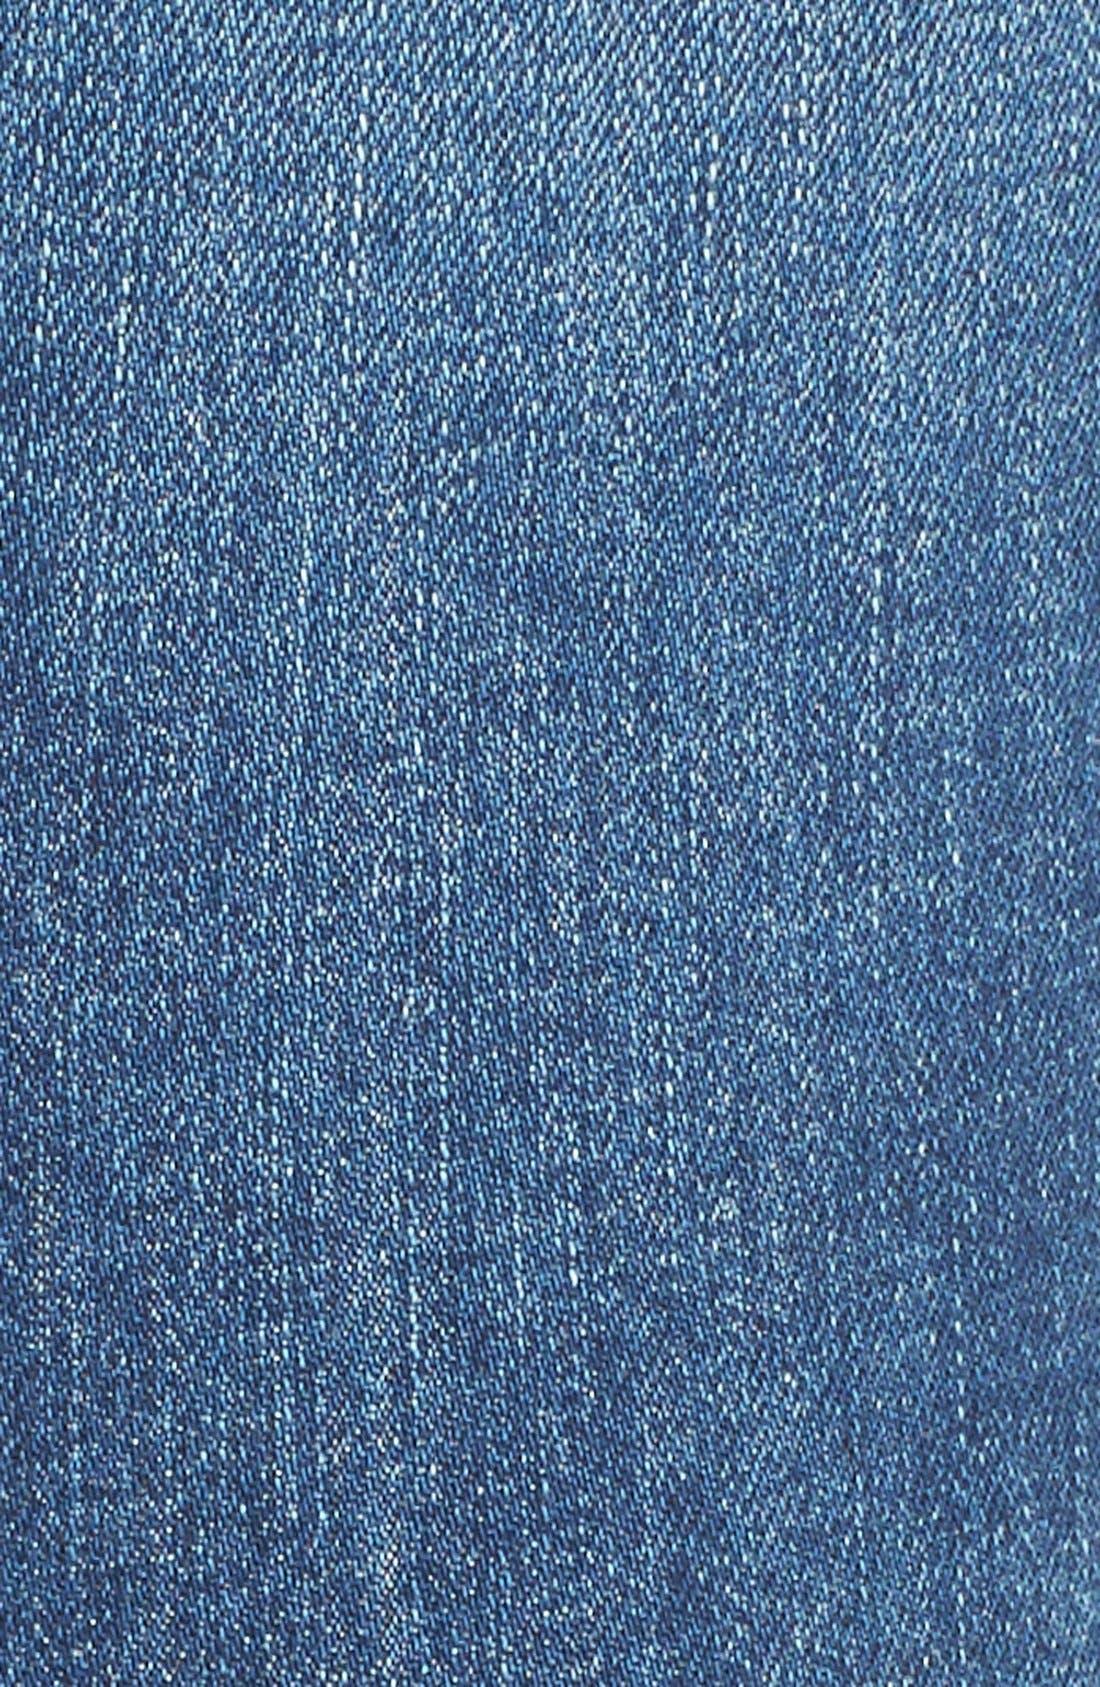 'Dre' Distressed Slim Boyfriend Jeans,                             Alternate thumbnail 2, color,                             423